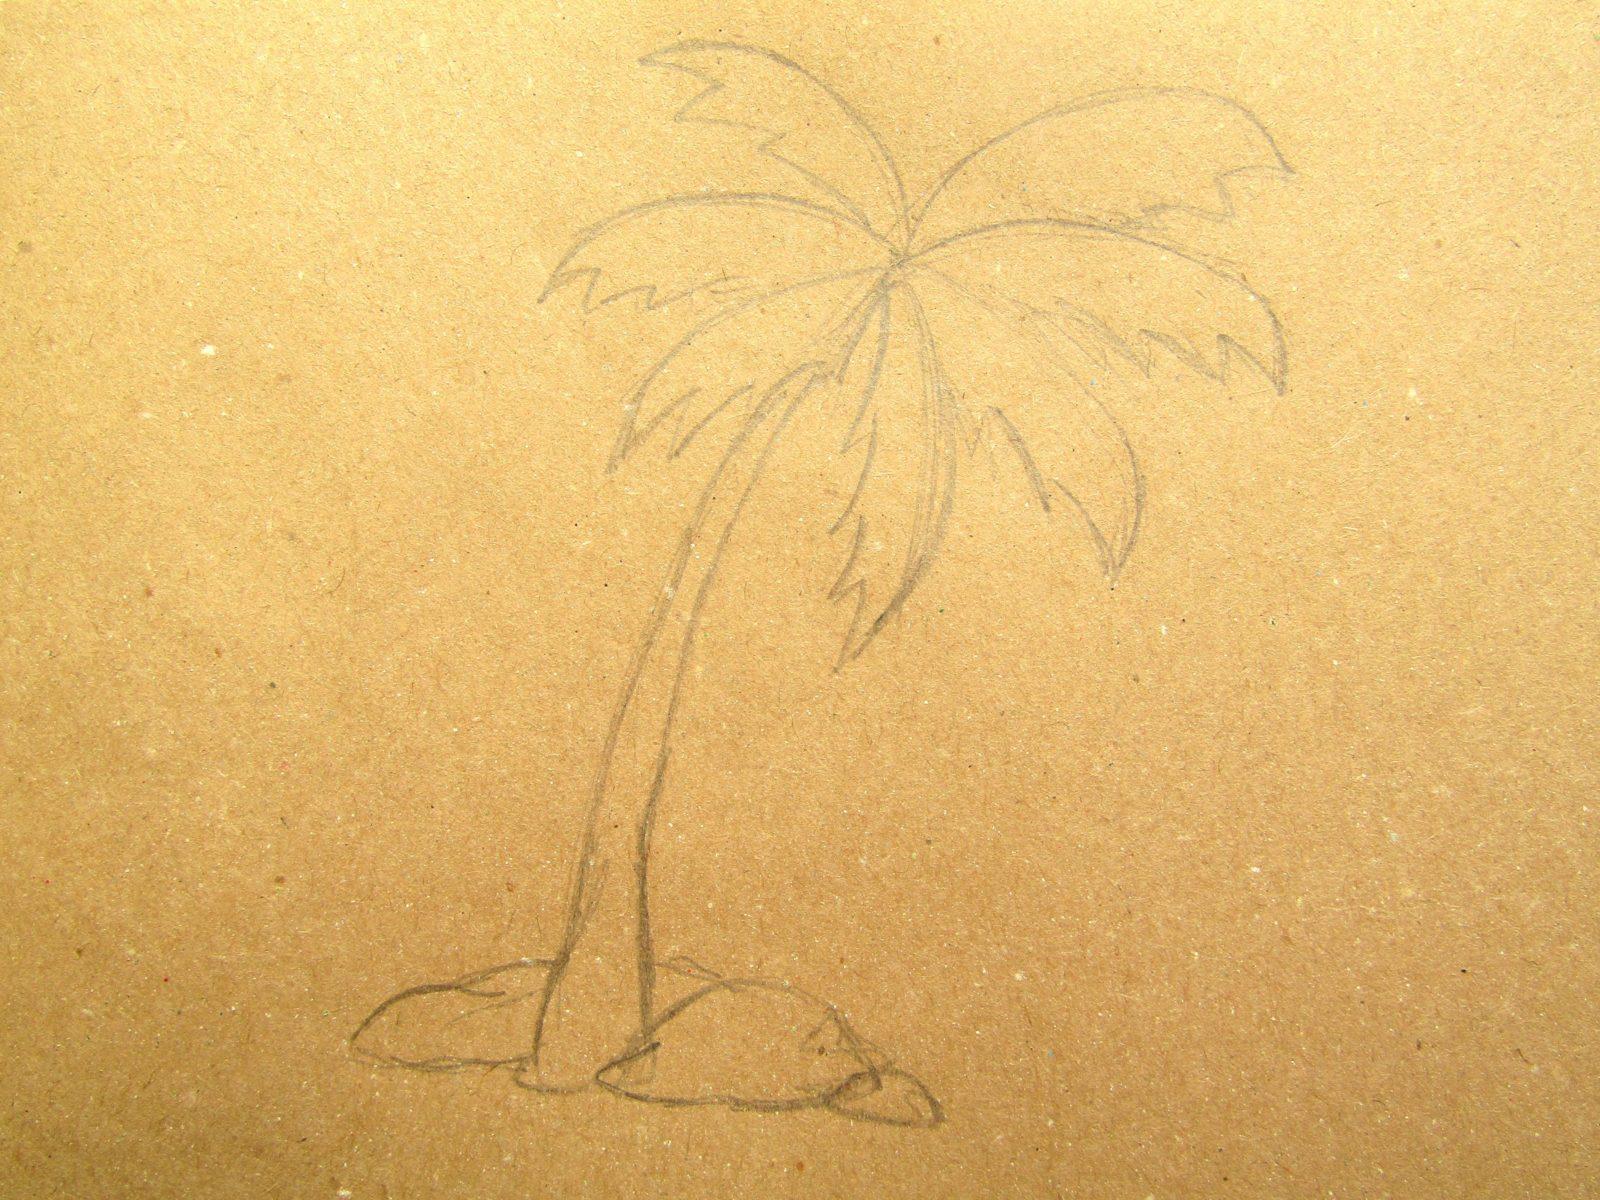 Пальма на крафт-бумаге - 5